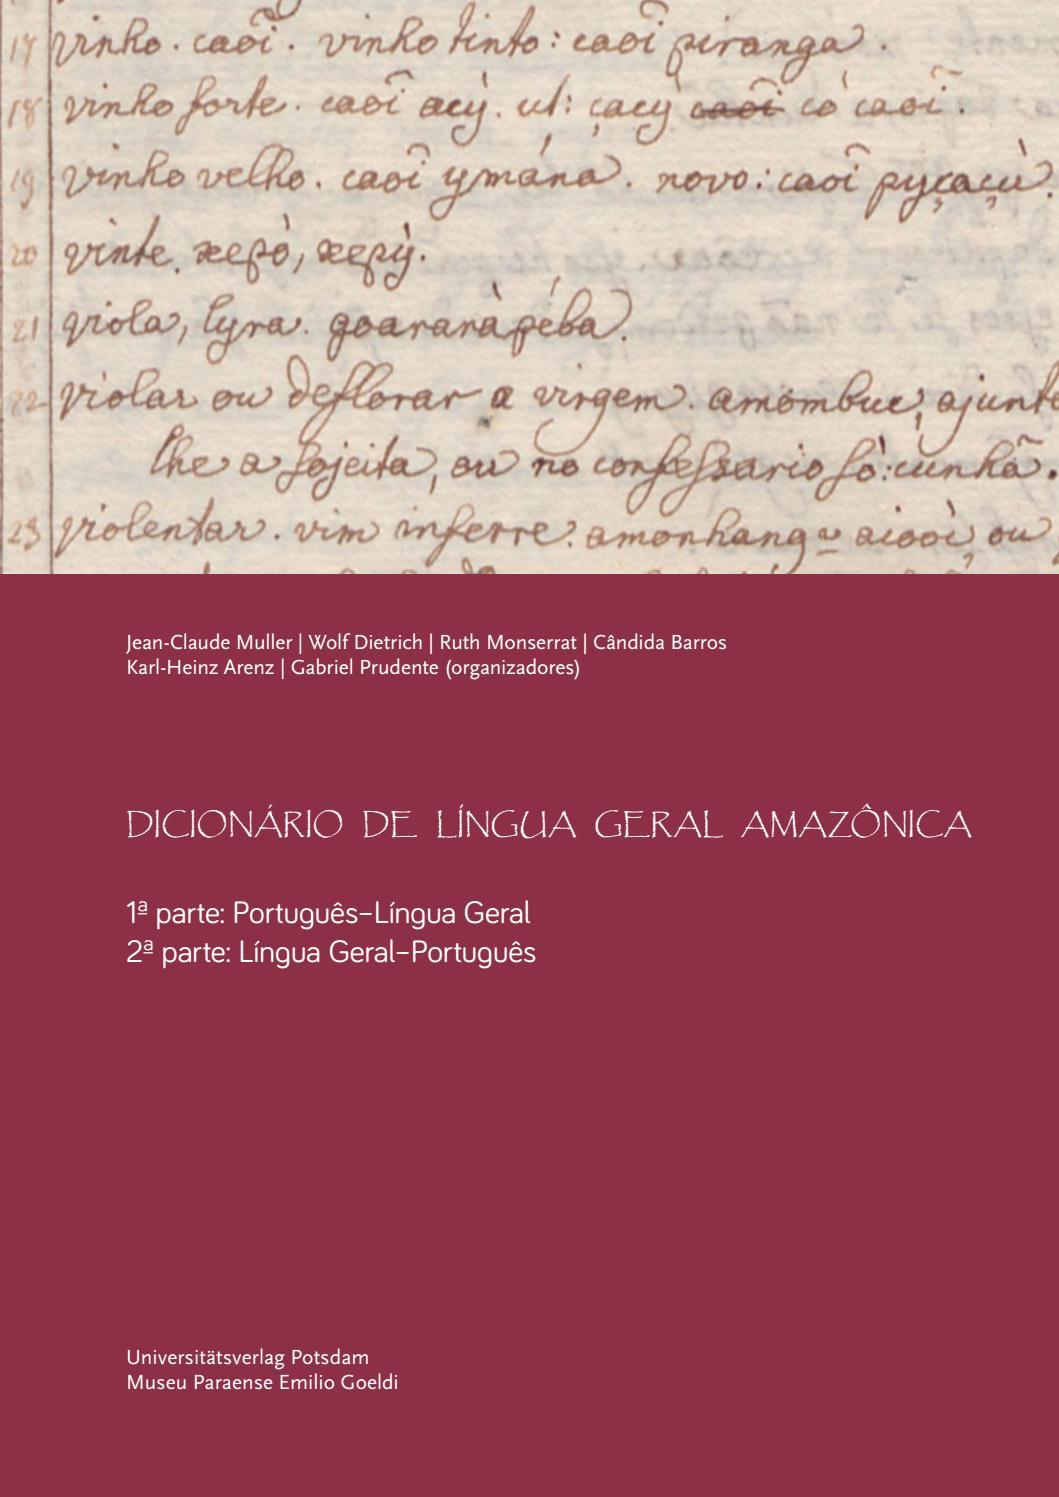 Dicionário de Língua Geral Amazônica by Museu Paraense Emílio Goeldi - issuu